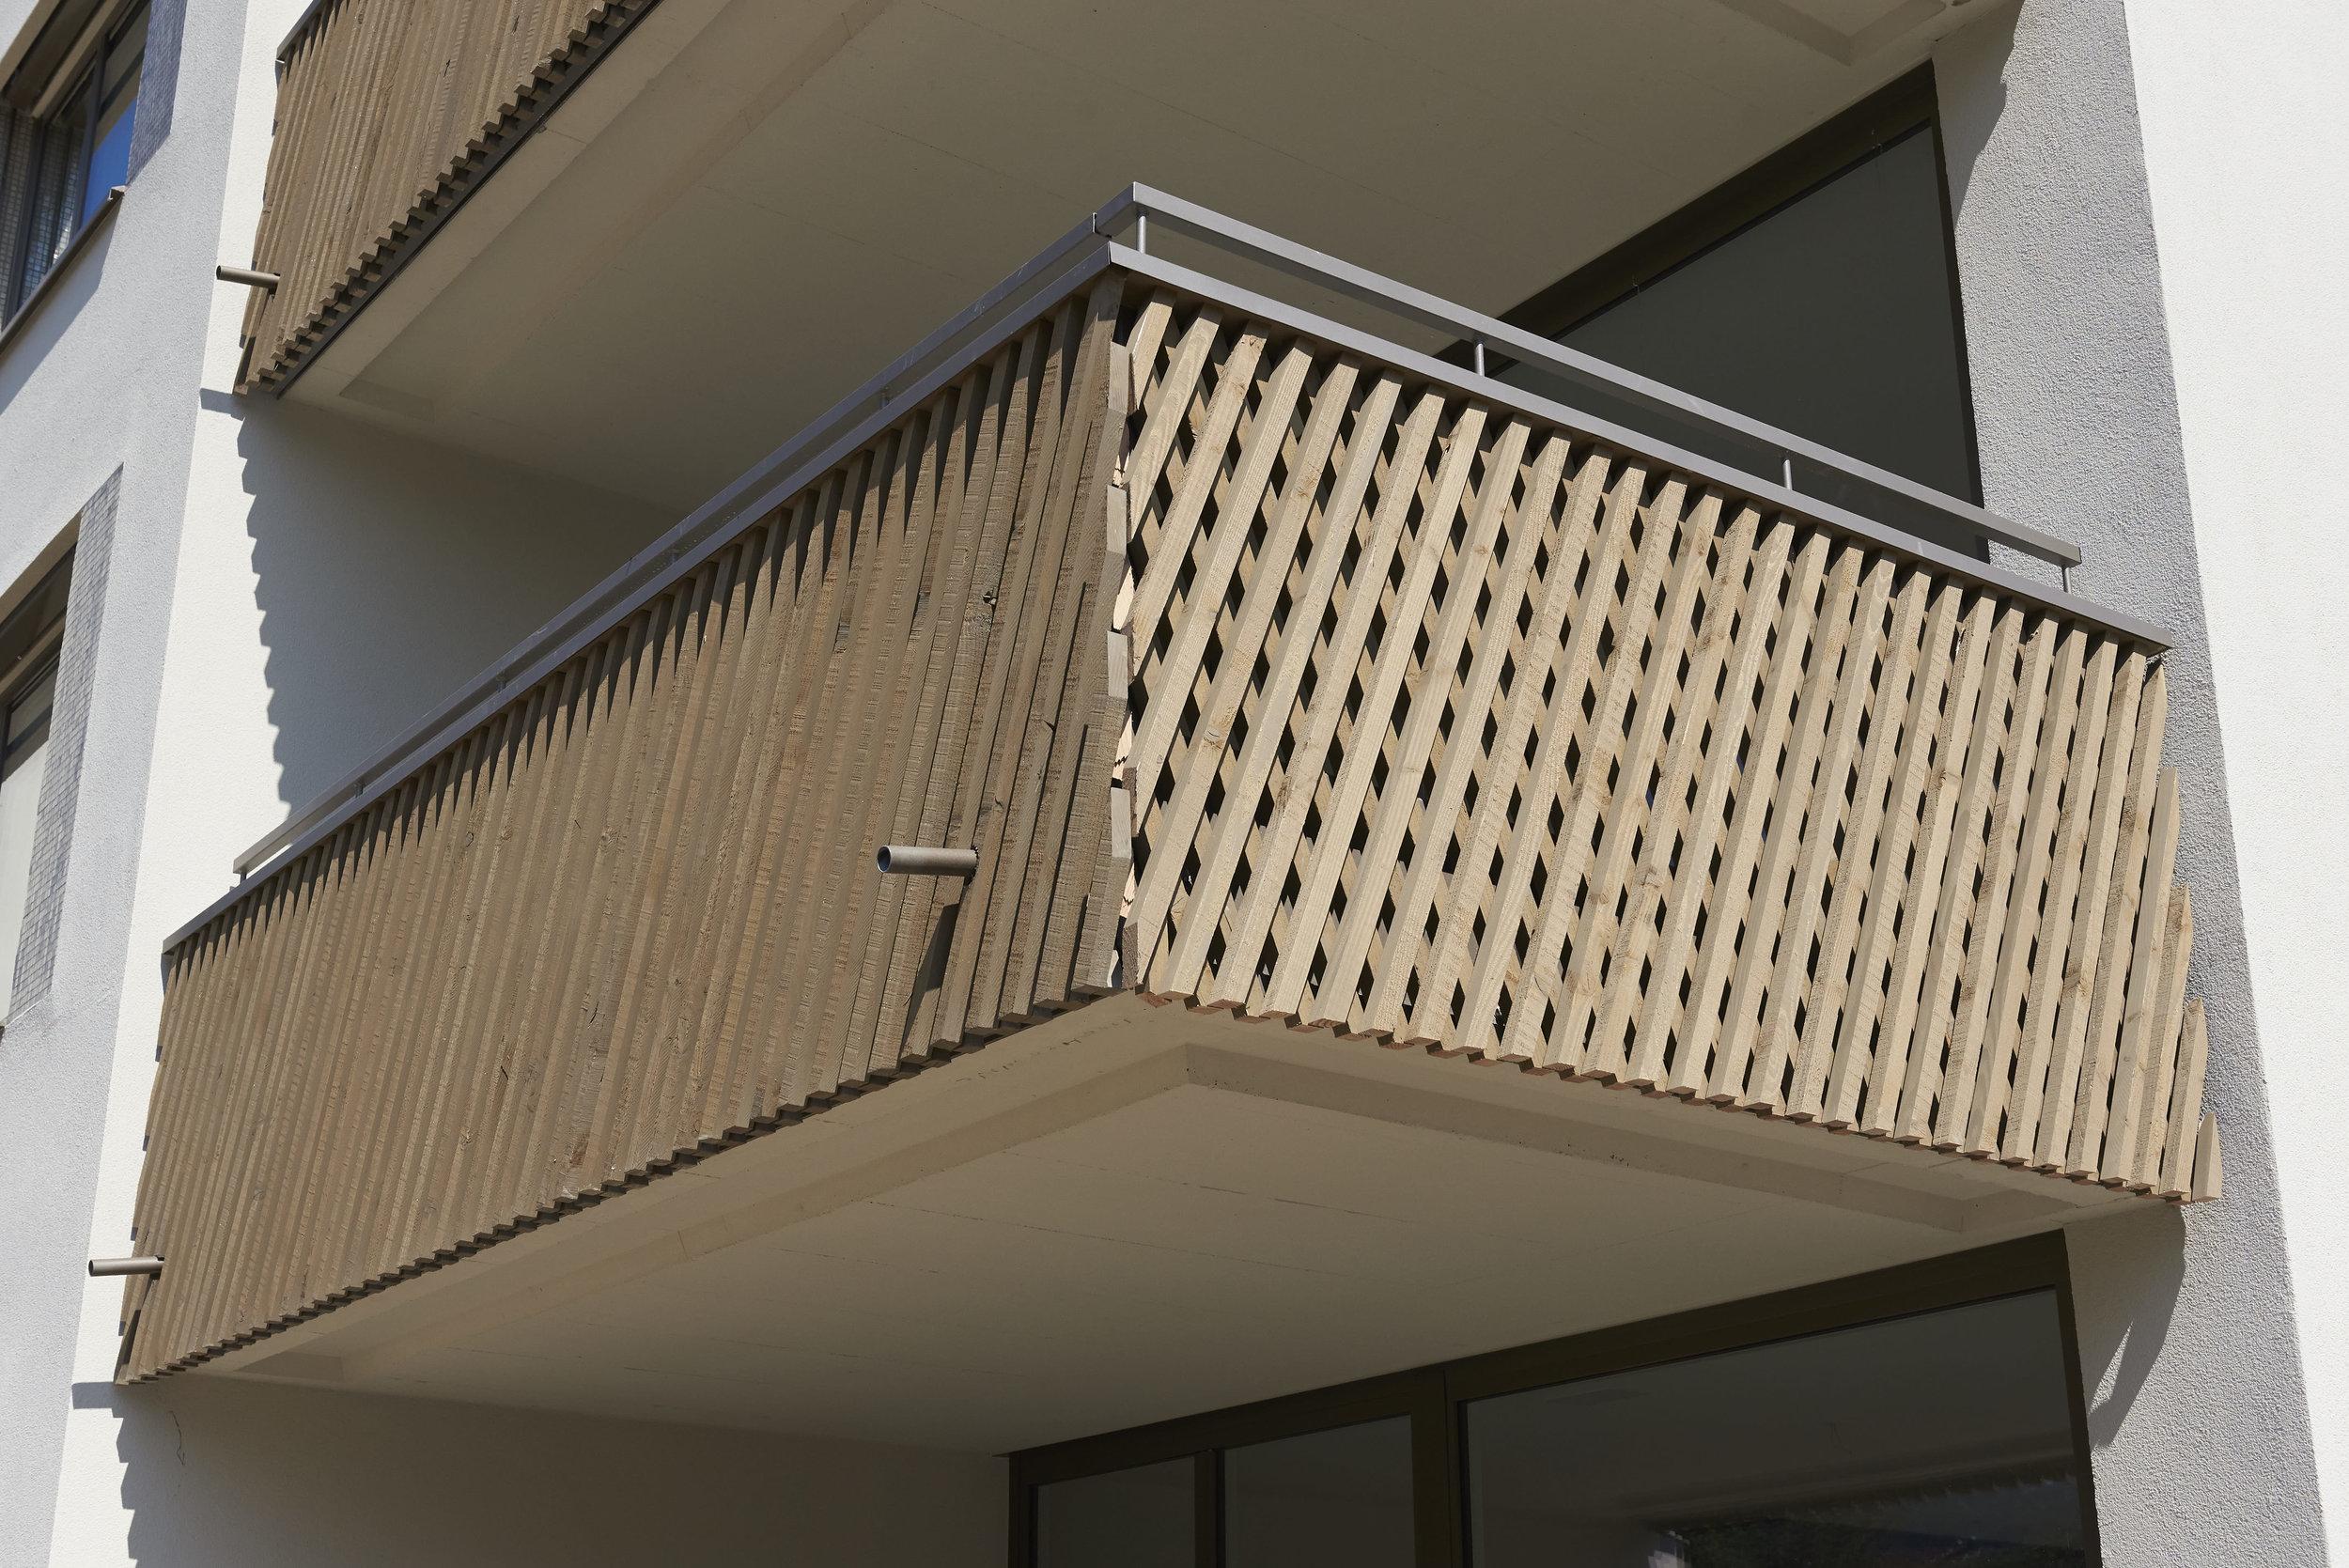 Holz-Metall Balkongeländer